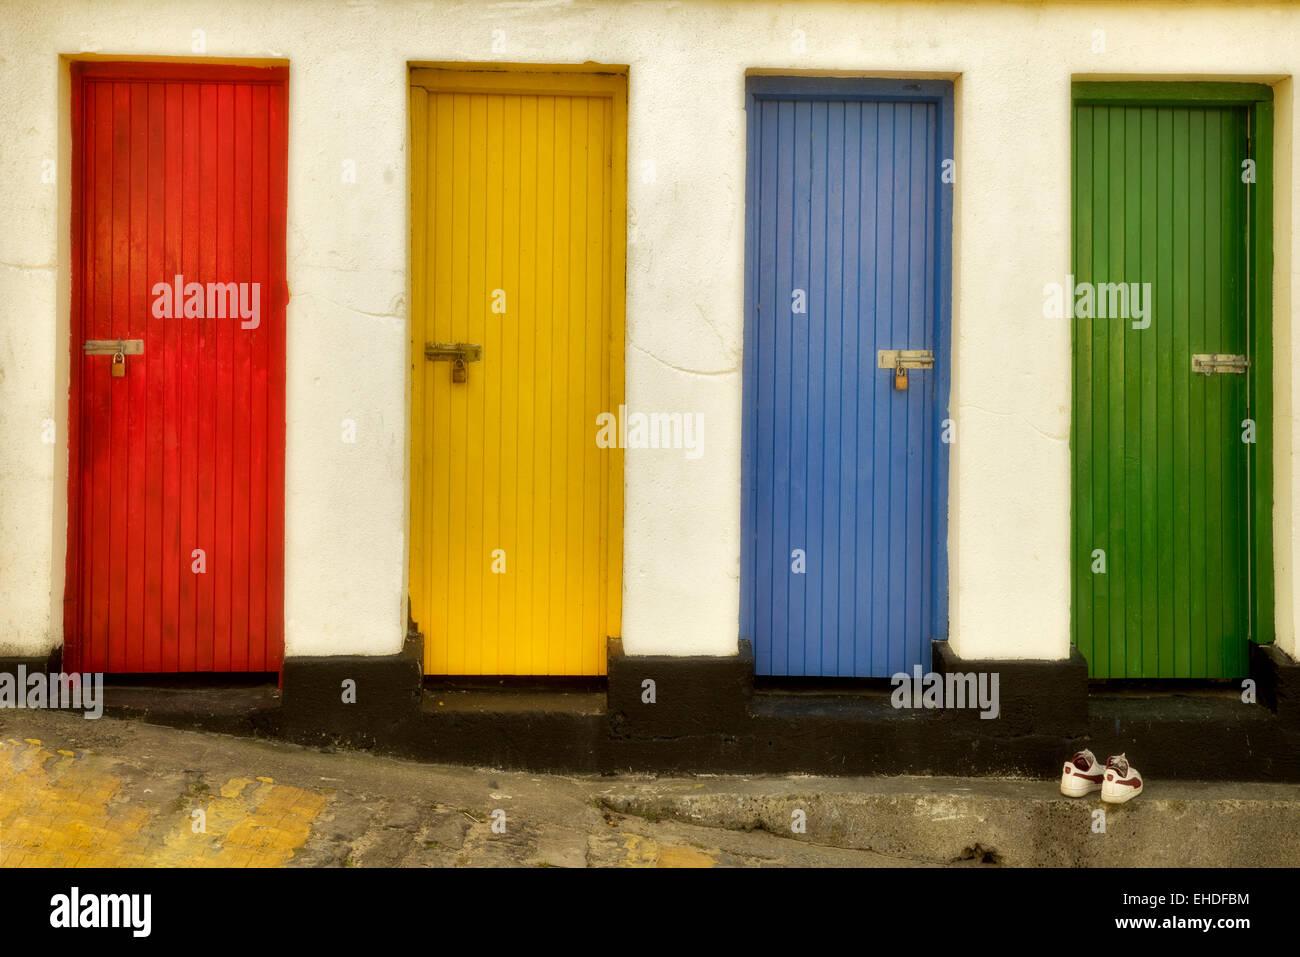 Porte colorate. Inishfree Pier, Ennicrone, Irlanda Immagini Stock